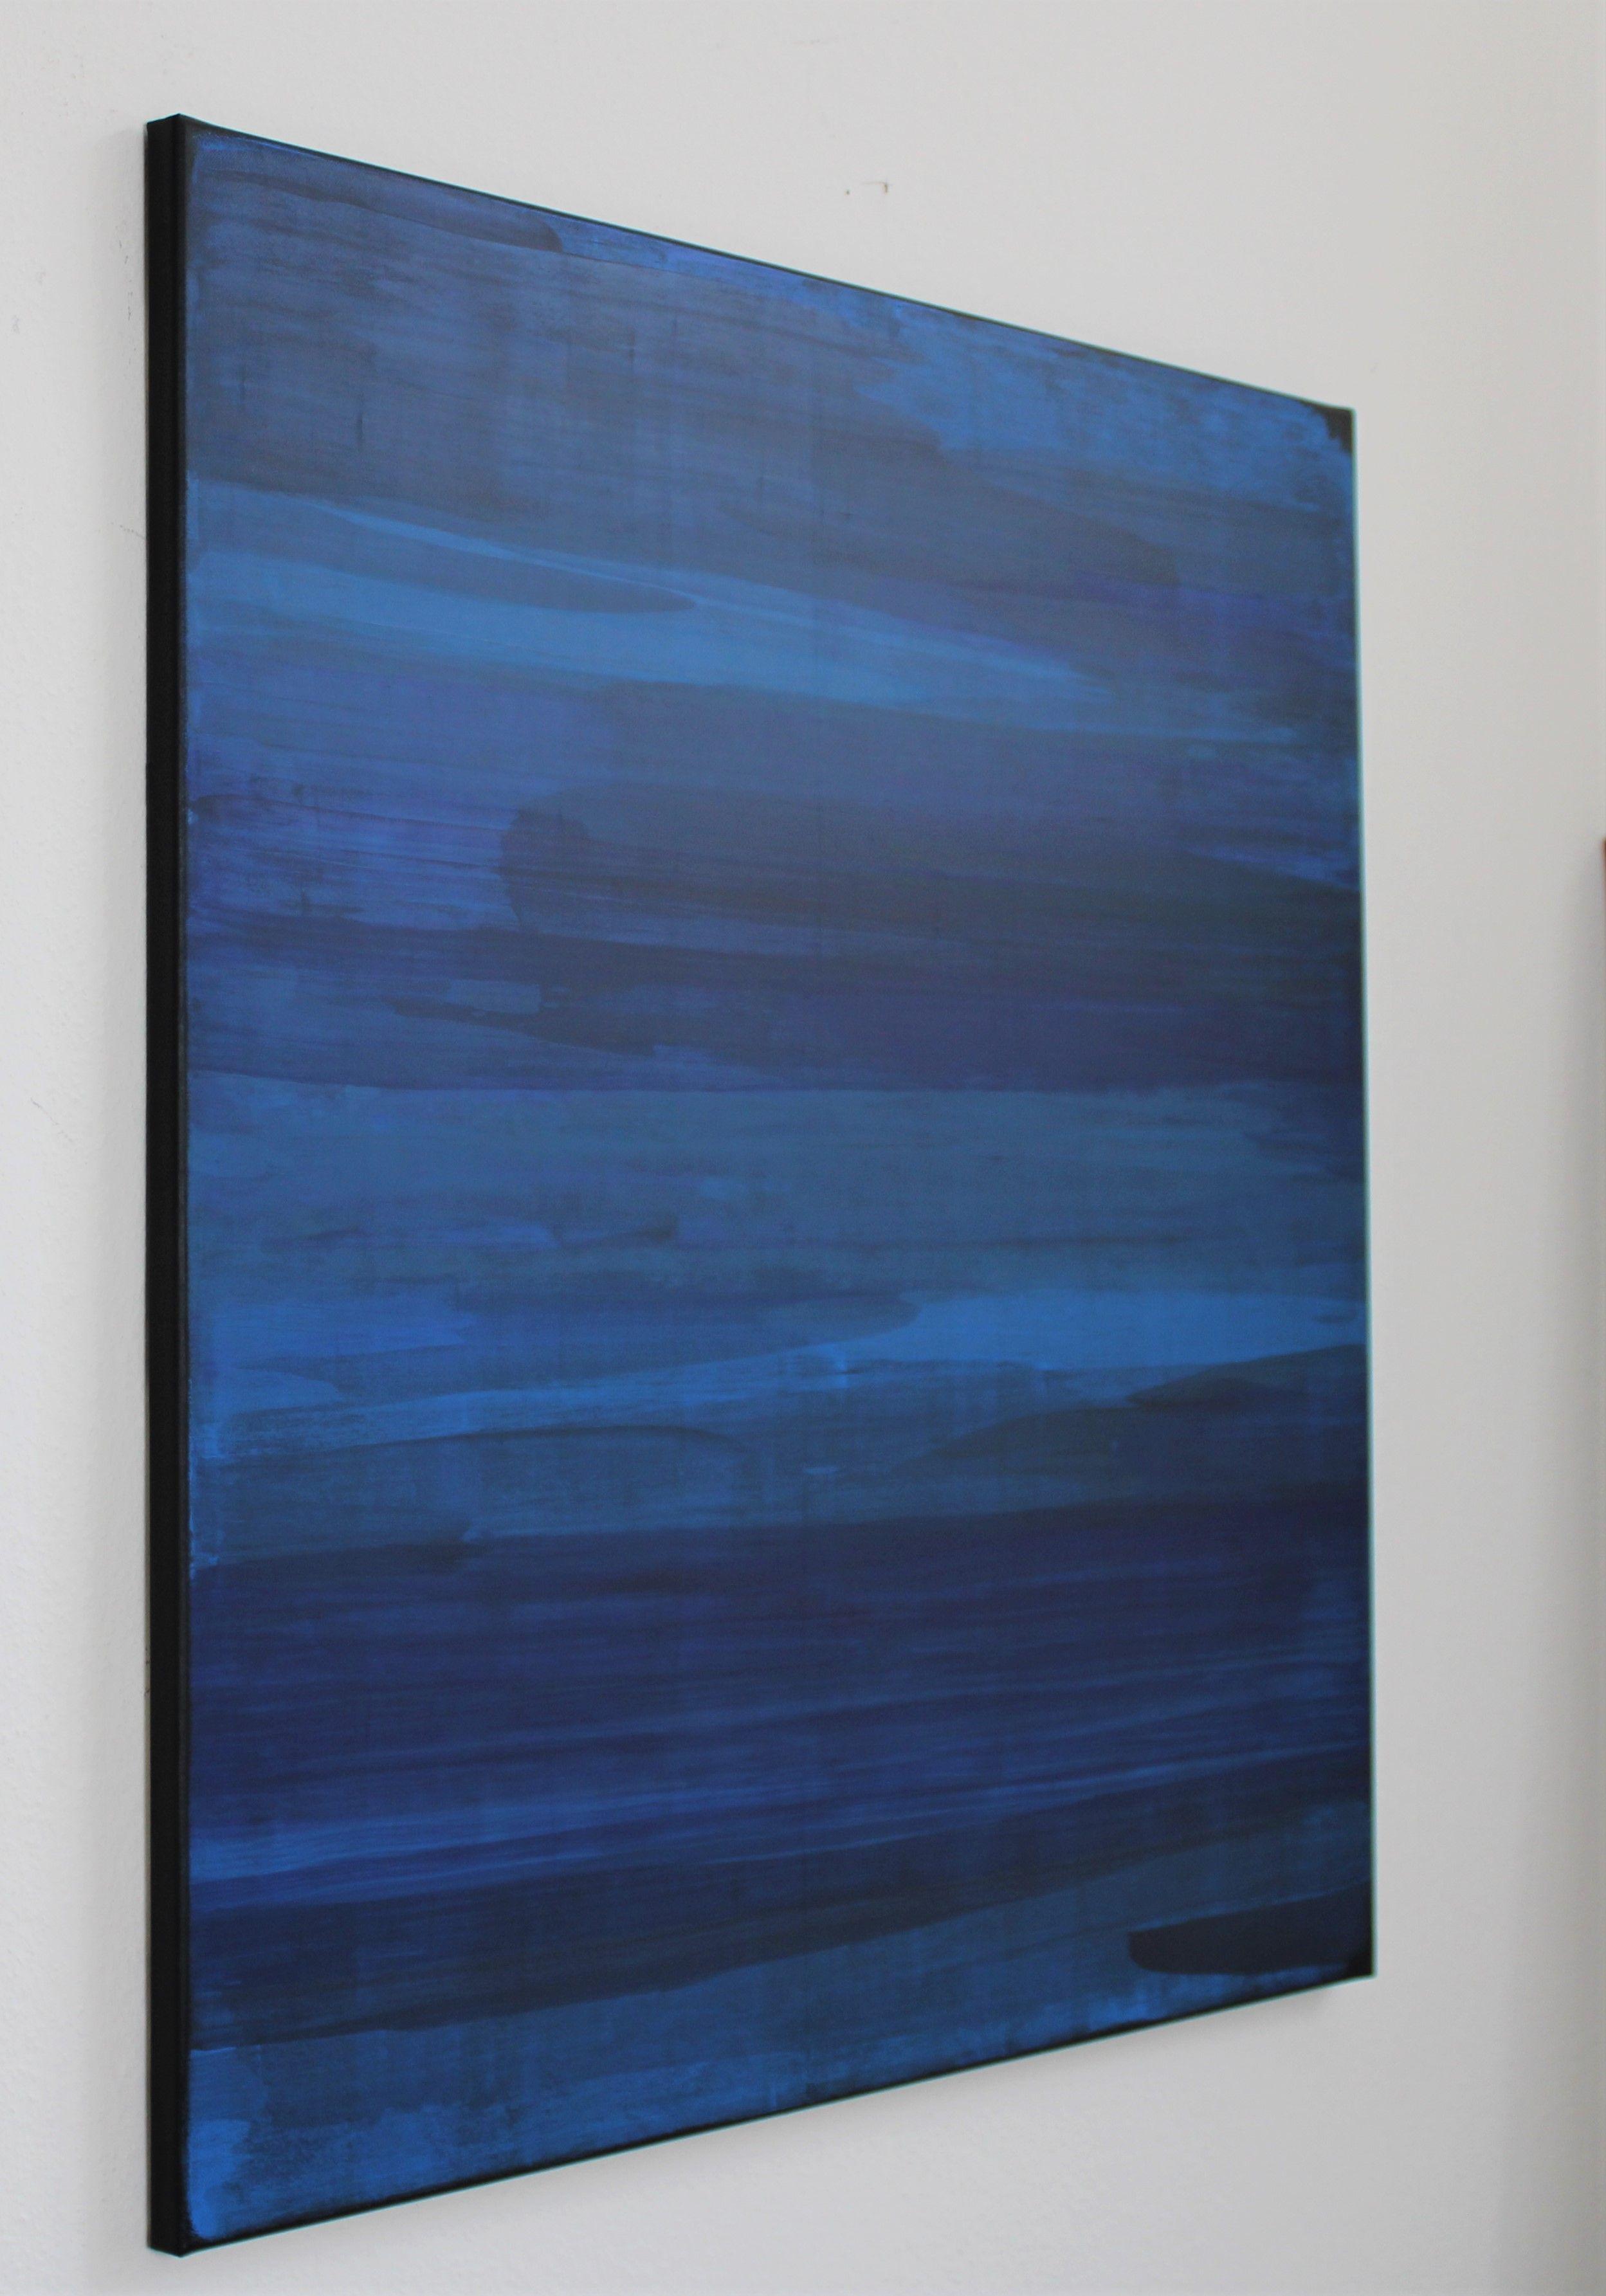 diffuse blue abstrakte acryl malerei auf leinwand 80 x cm minimalistisch blau idee farbe moderne meinfoto meine fotoleinwand